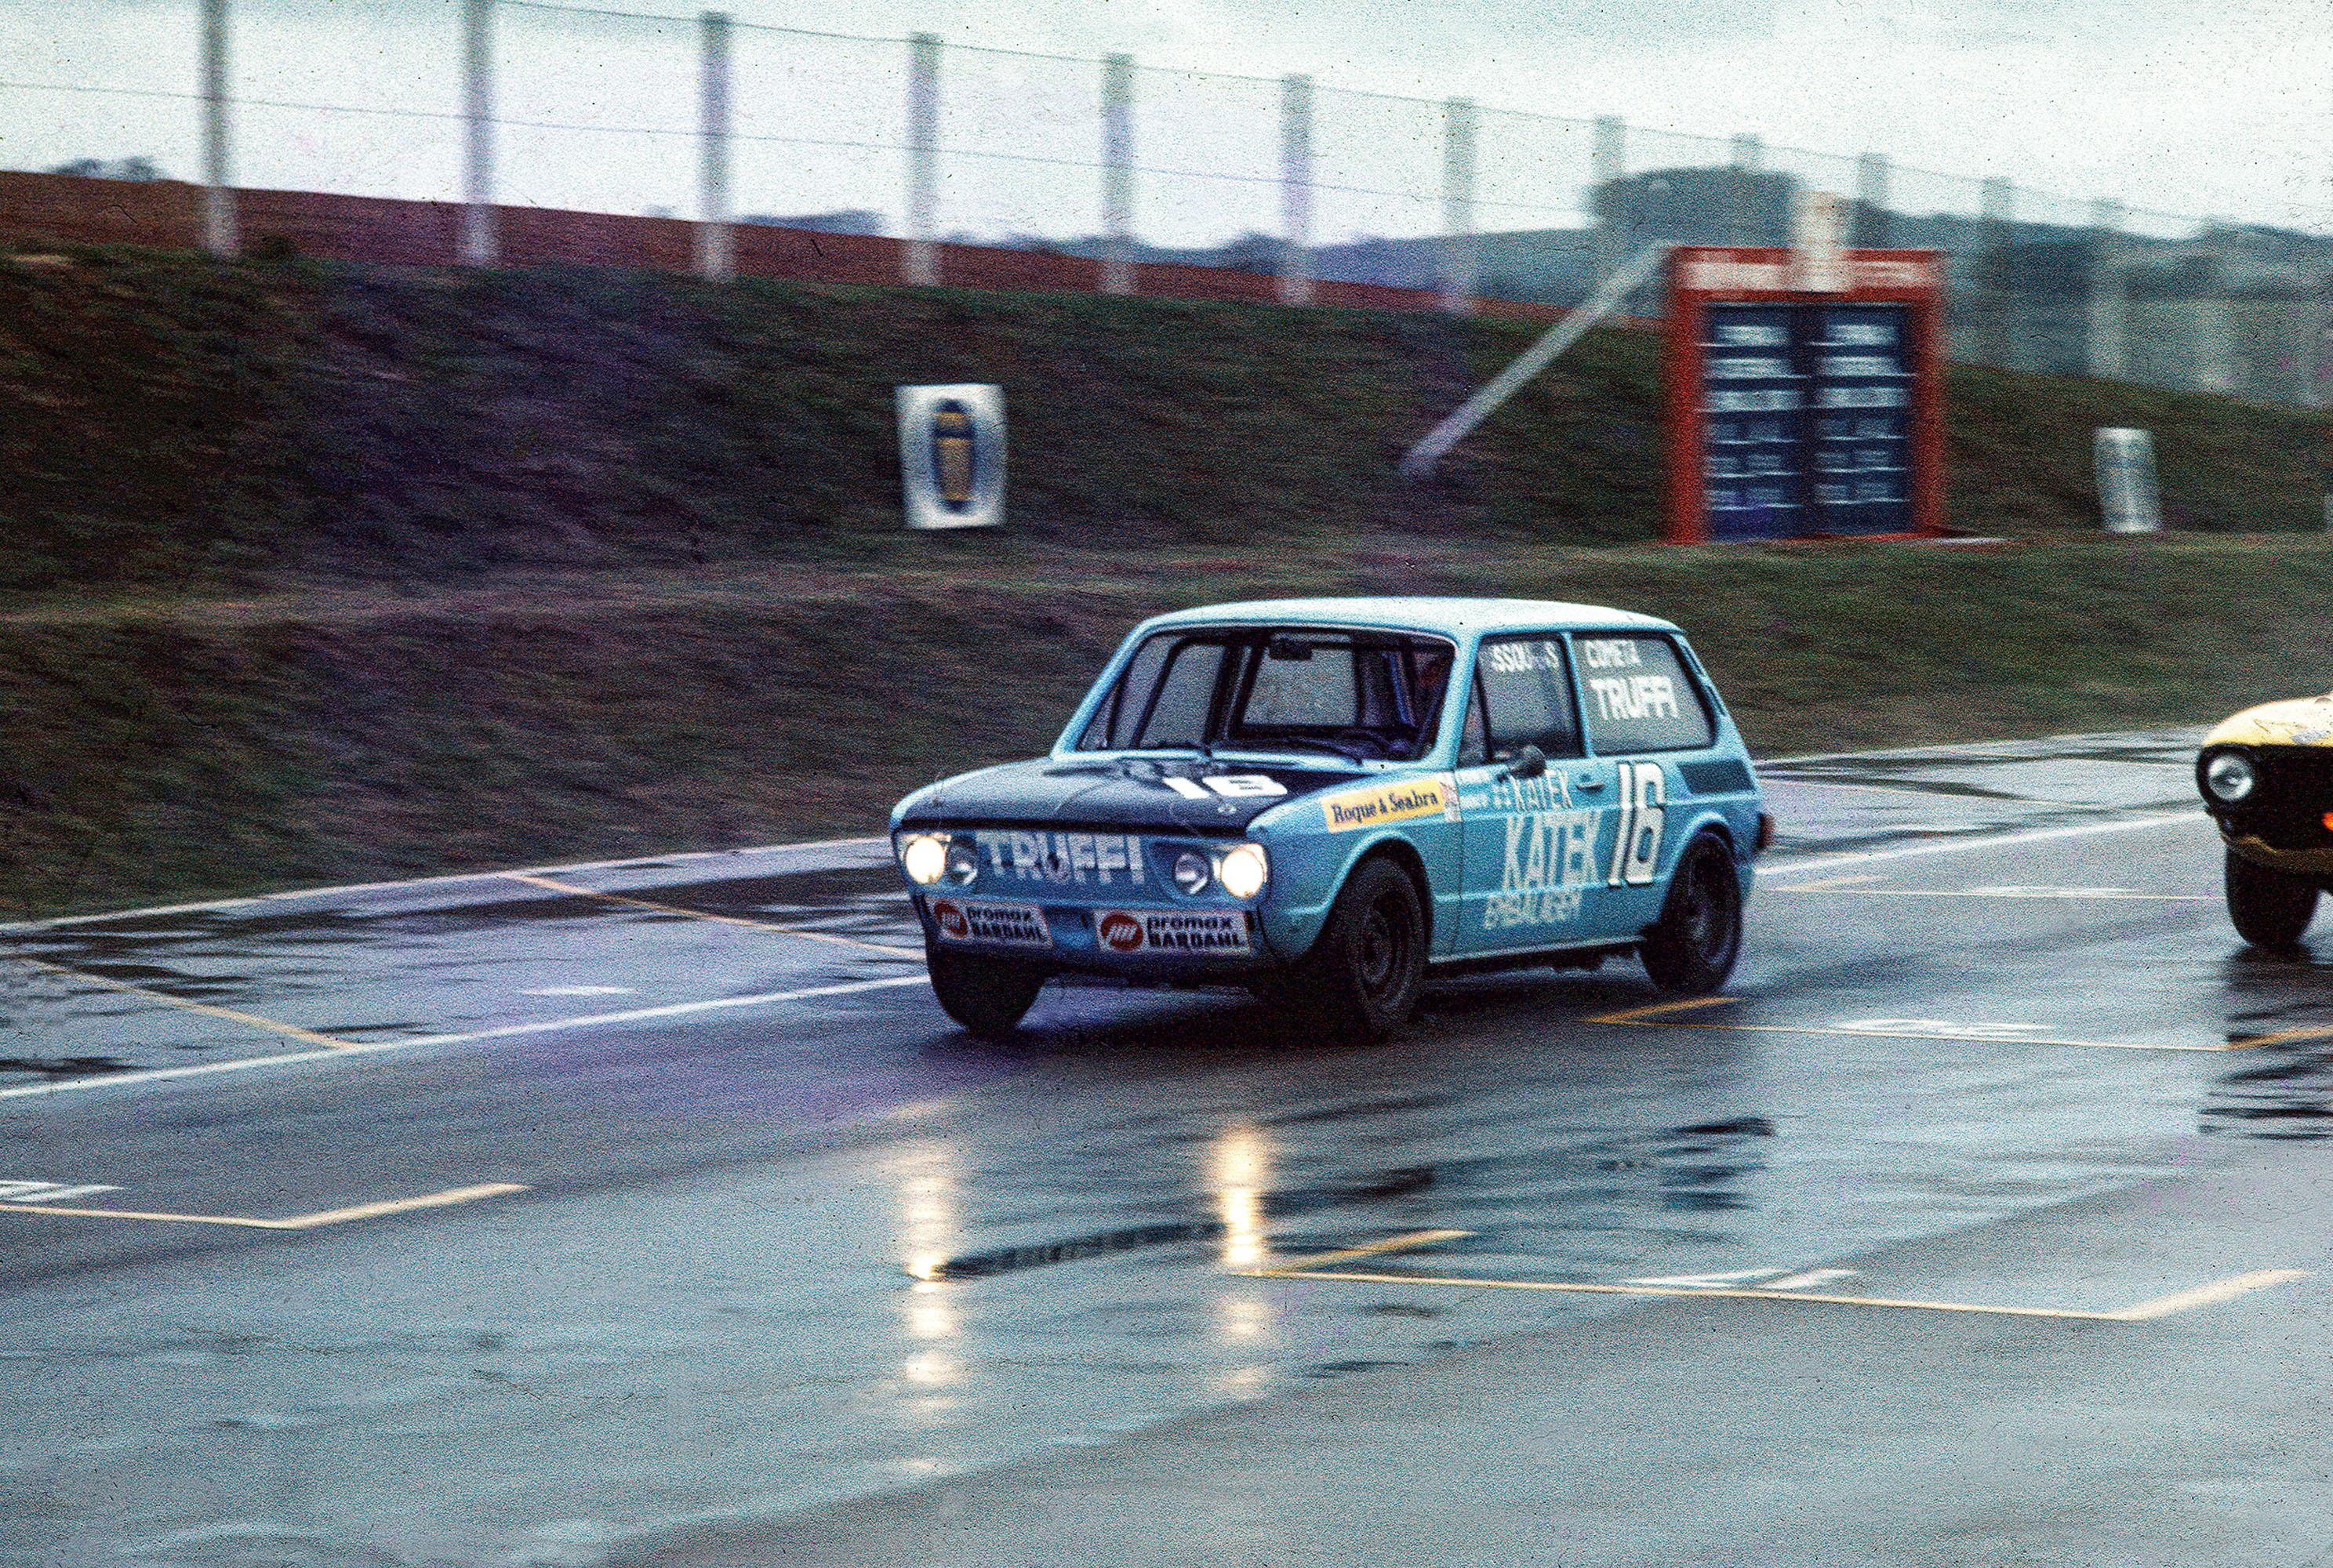 A Brasilia Elfcar Fukuda de corrida, que venceu tudo em 1974